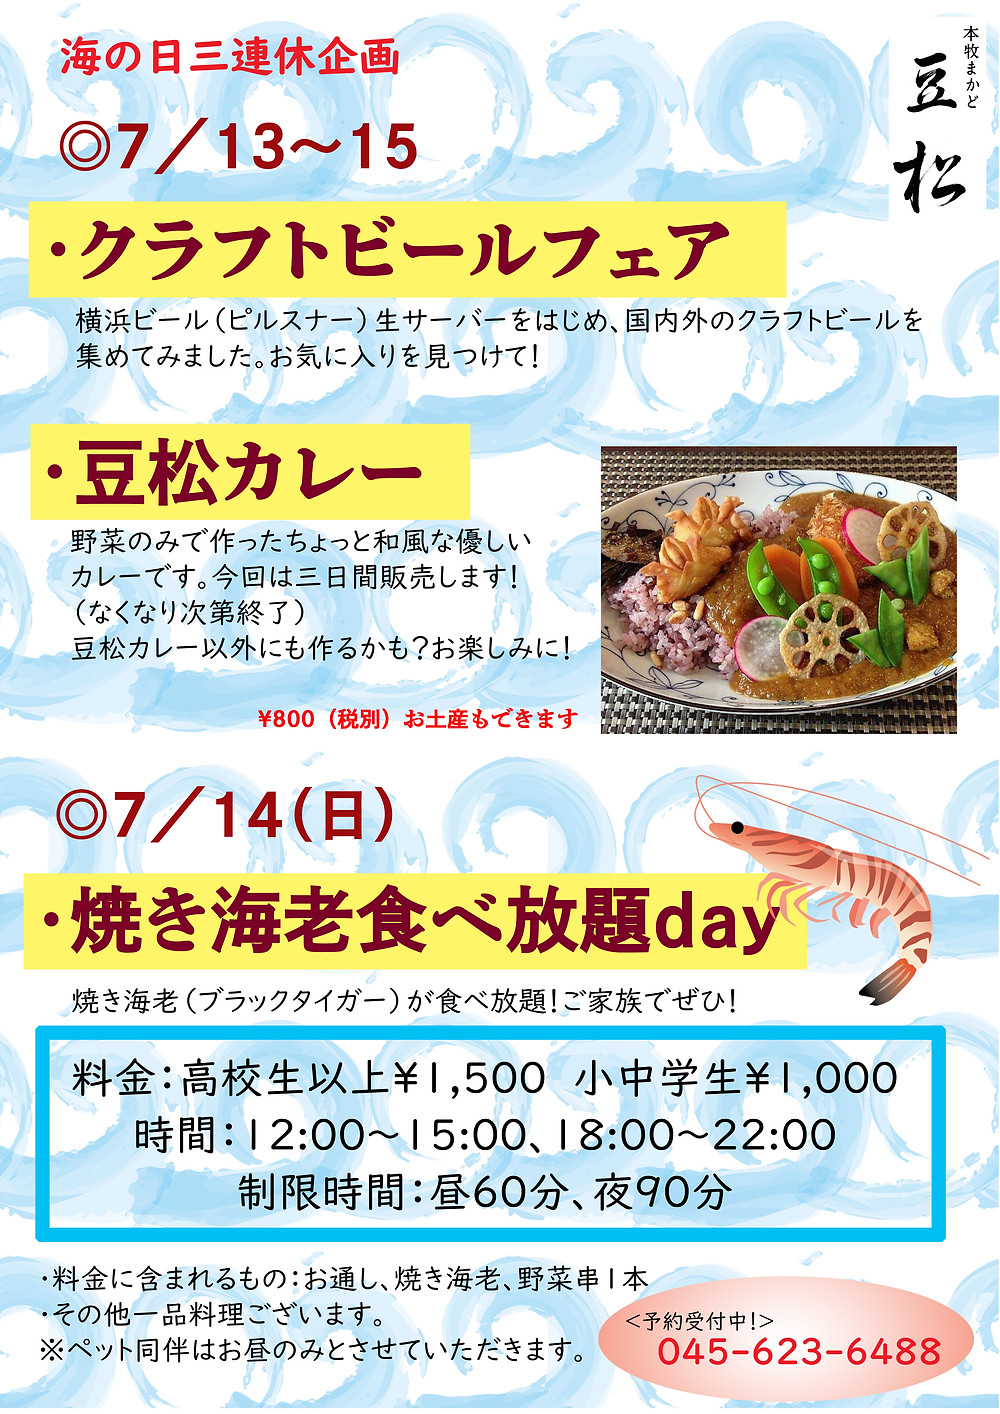 海の日イベント